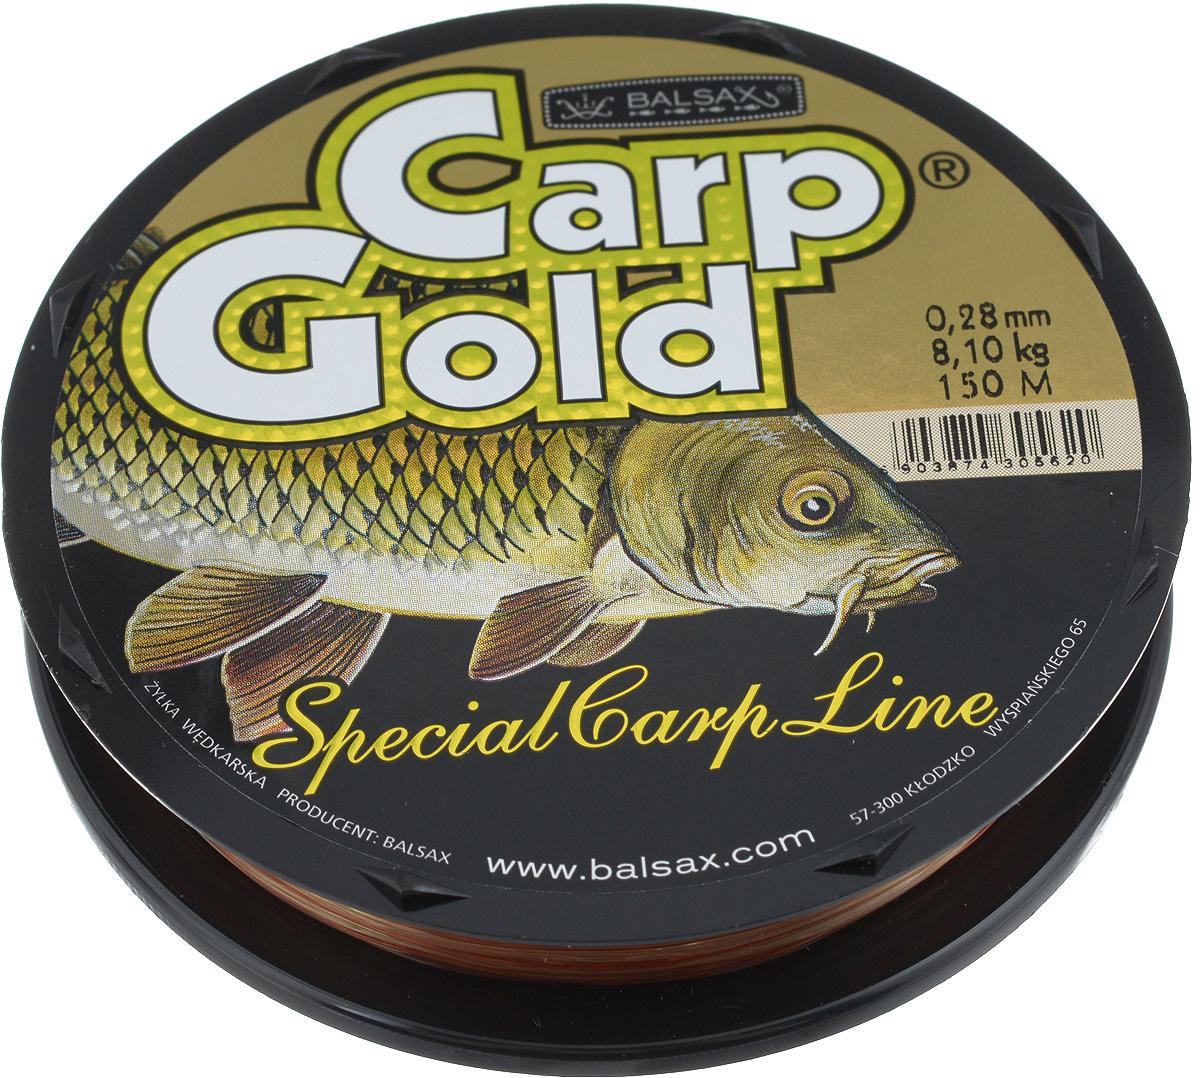 Леска Balsax Gold Carp, 150 м, 0,28 мм, 8,1 кг308-00028Balsax Gold Carp - это чувствительная леска для крупной рыбы. Отличная сопротивляемость разрыву и контролируемая растяжимость. Превосходно выдерживает на узлах максимальное напряжение, связанное с ловлей крупной рыбы. Благодаря точно подобранным цветам - незаменима при ловли карпа. Такая леска не впитывает воду и маловосприимчива к солнечным лучам.